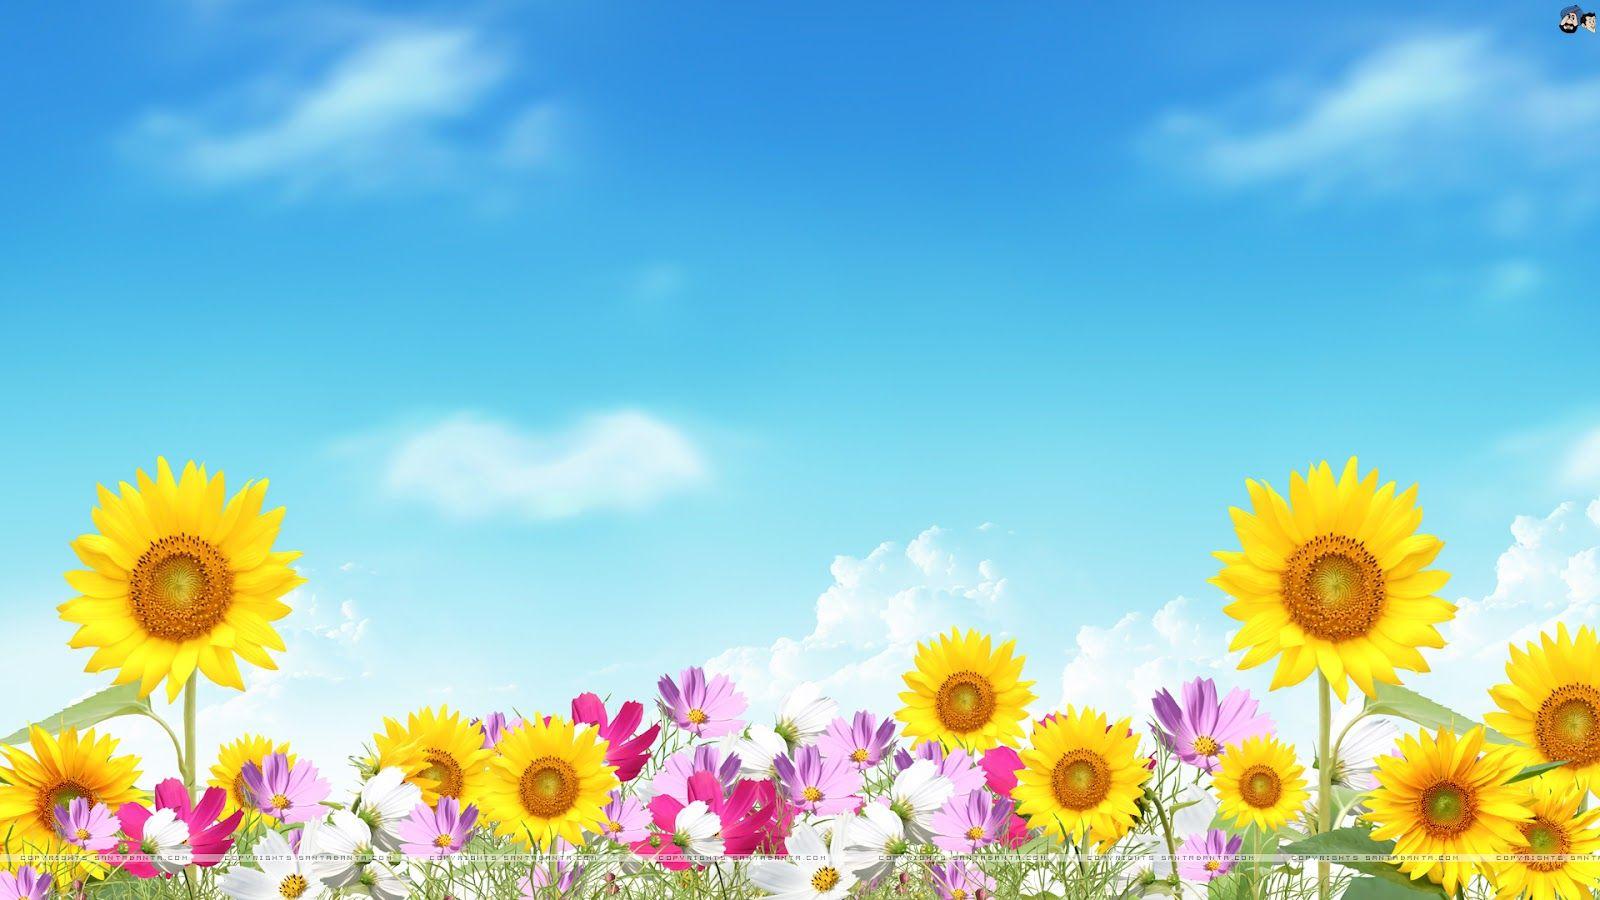 Summer Wallpaper Flower Wallpaper Flower Backgrounds